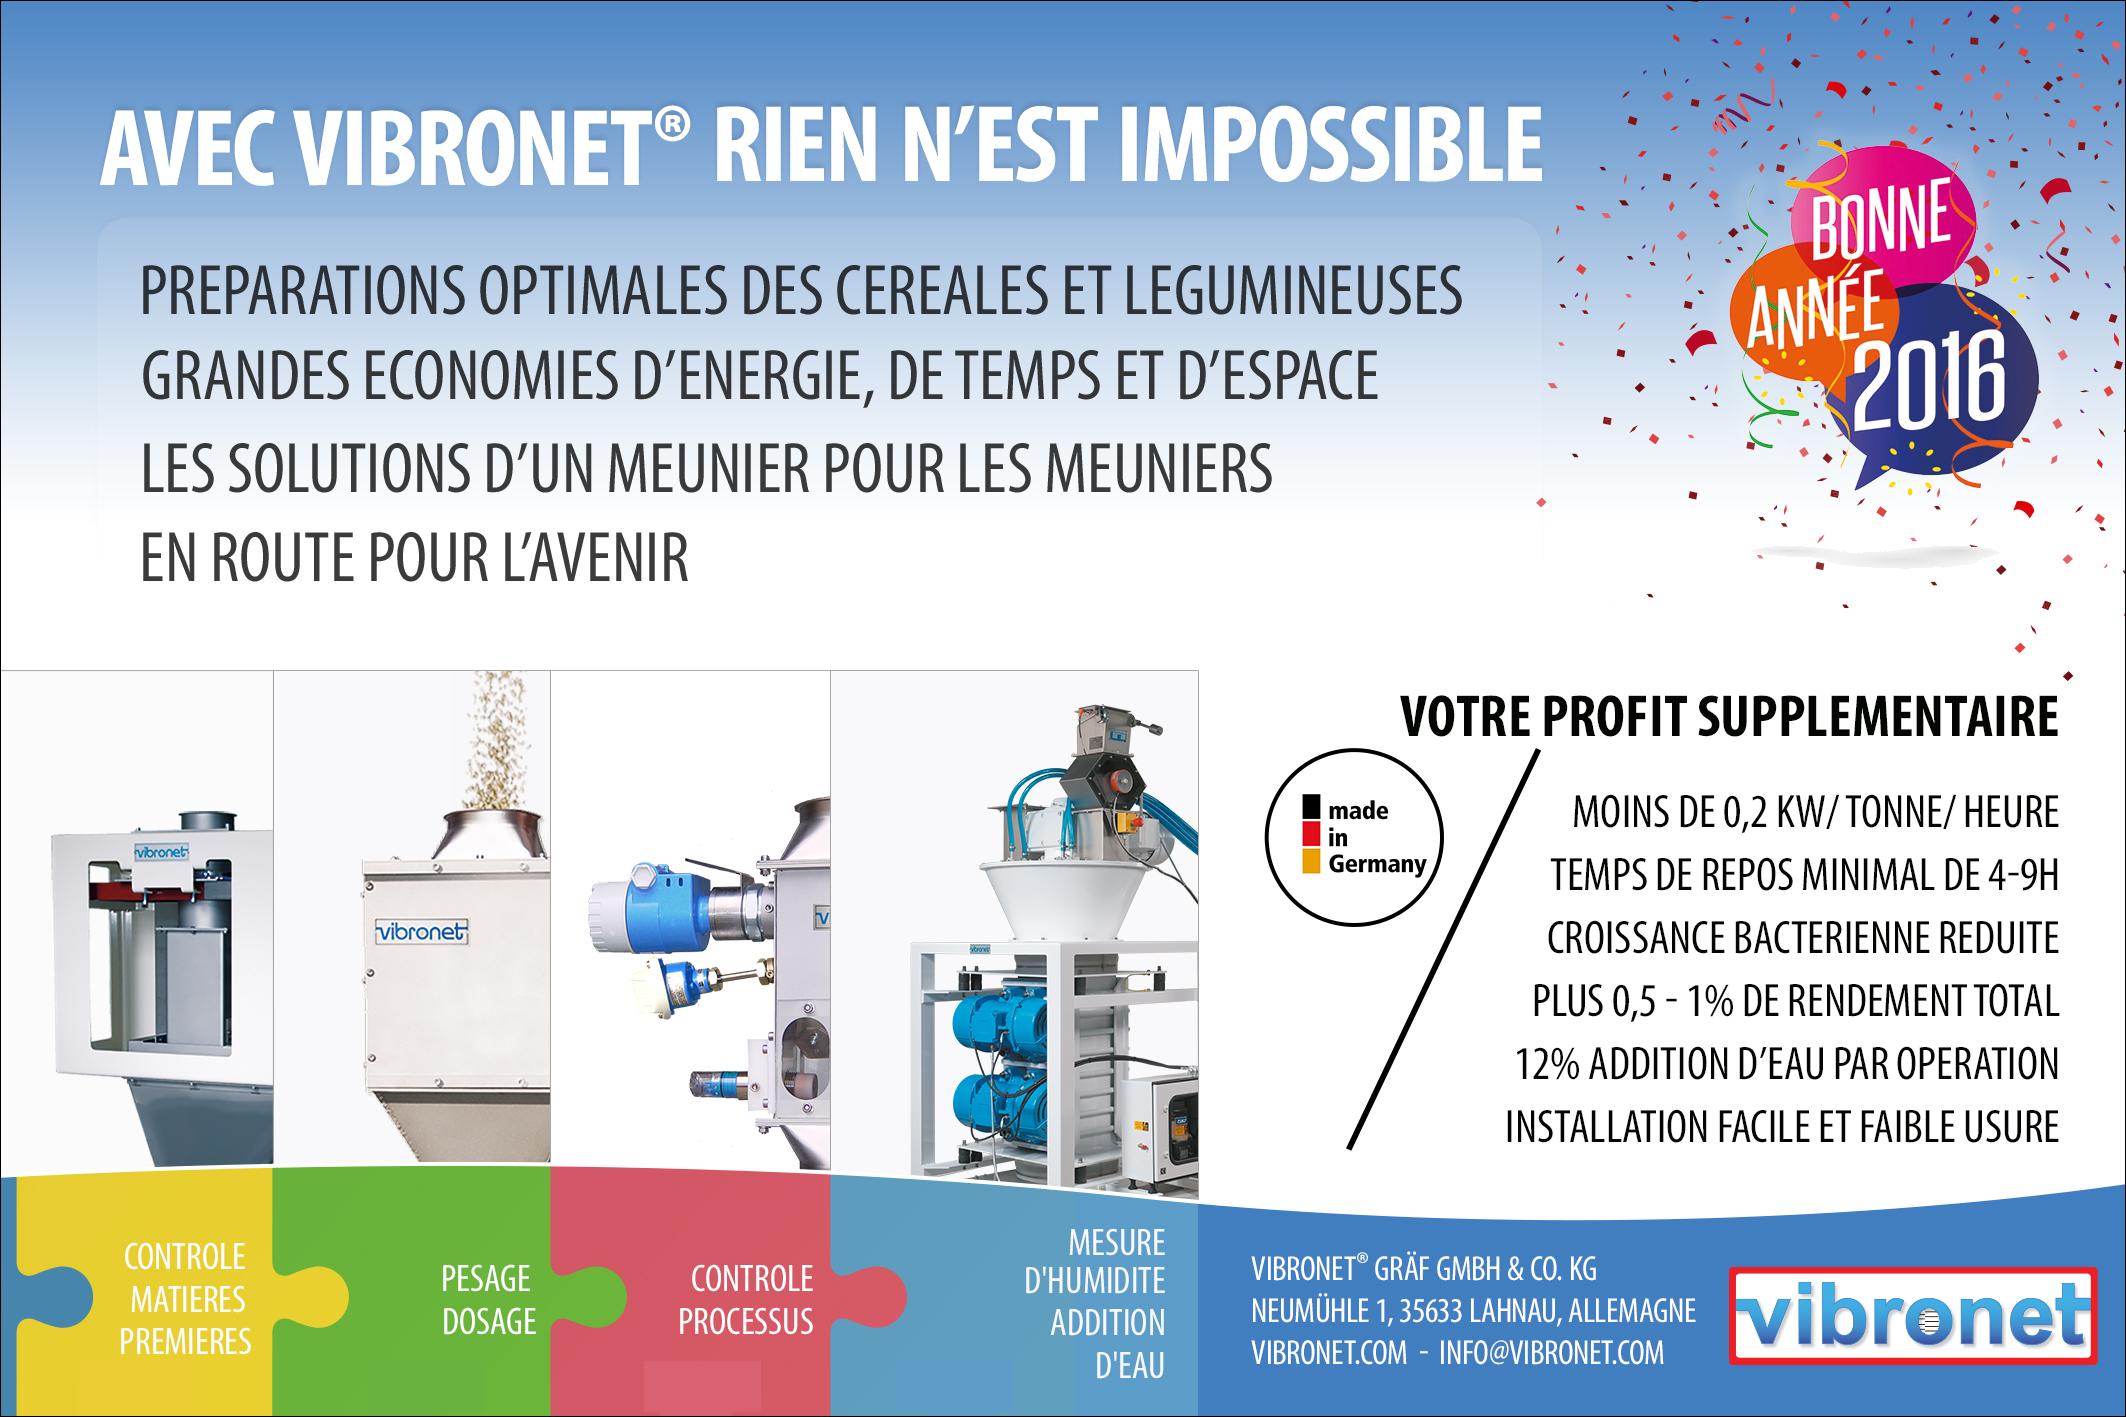 vibronet: Industries des Céréales No. 195 / 24.12.2015